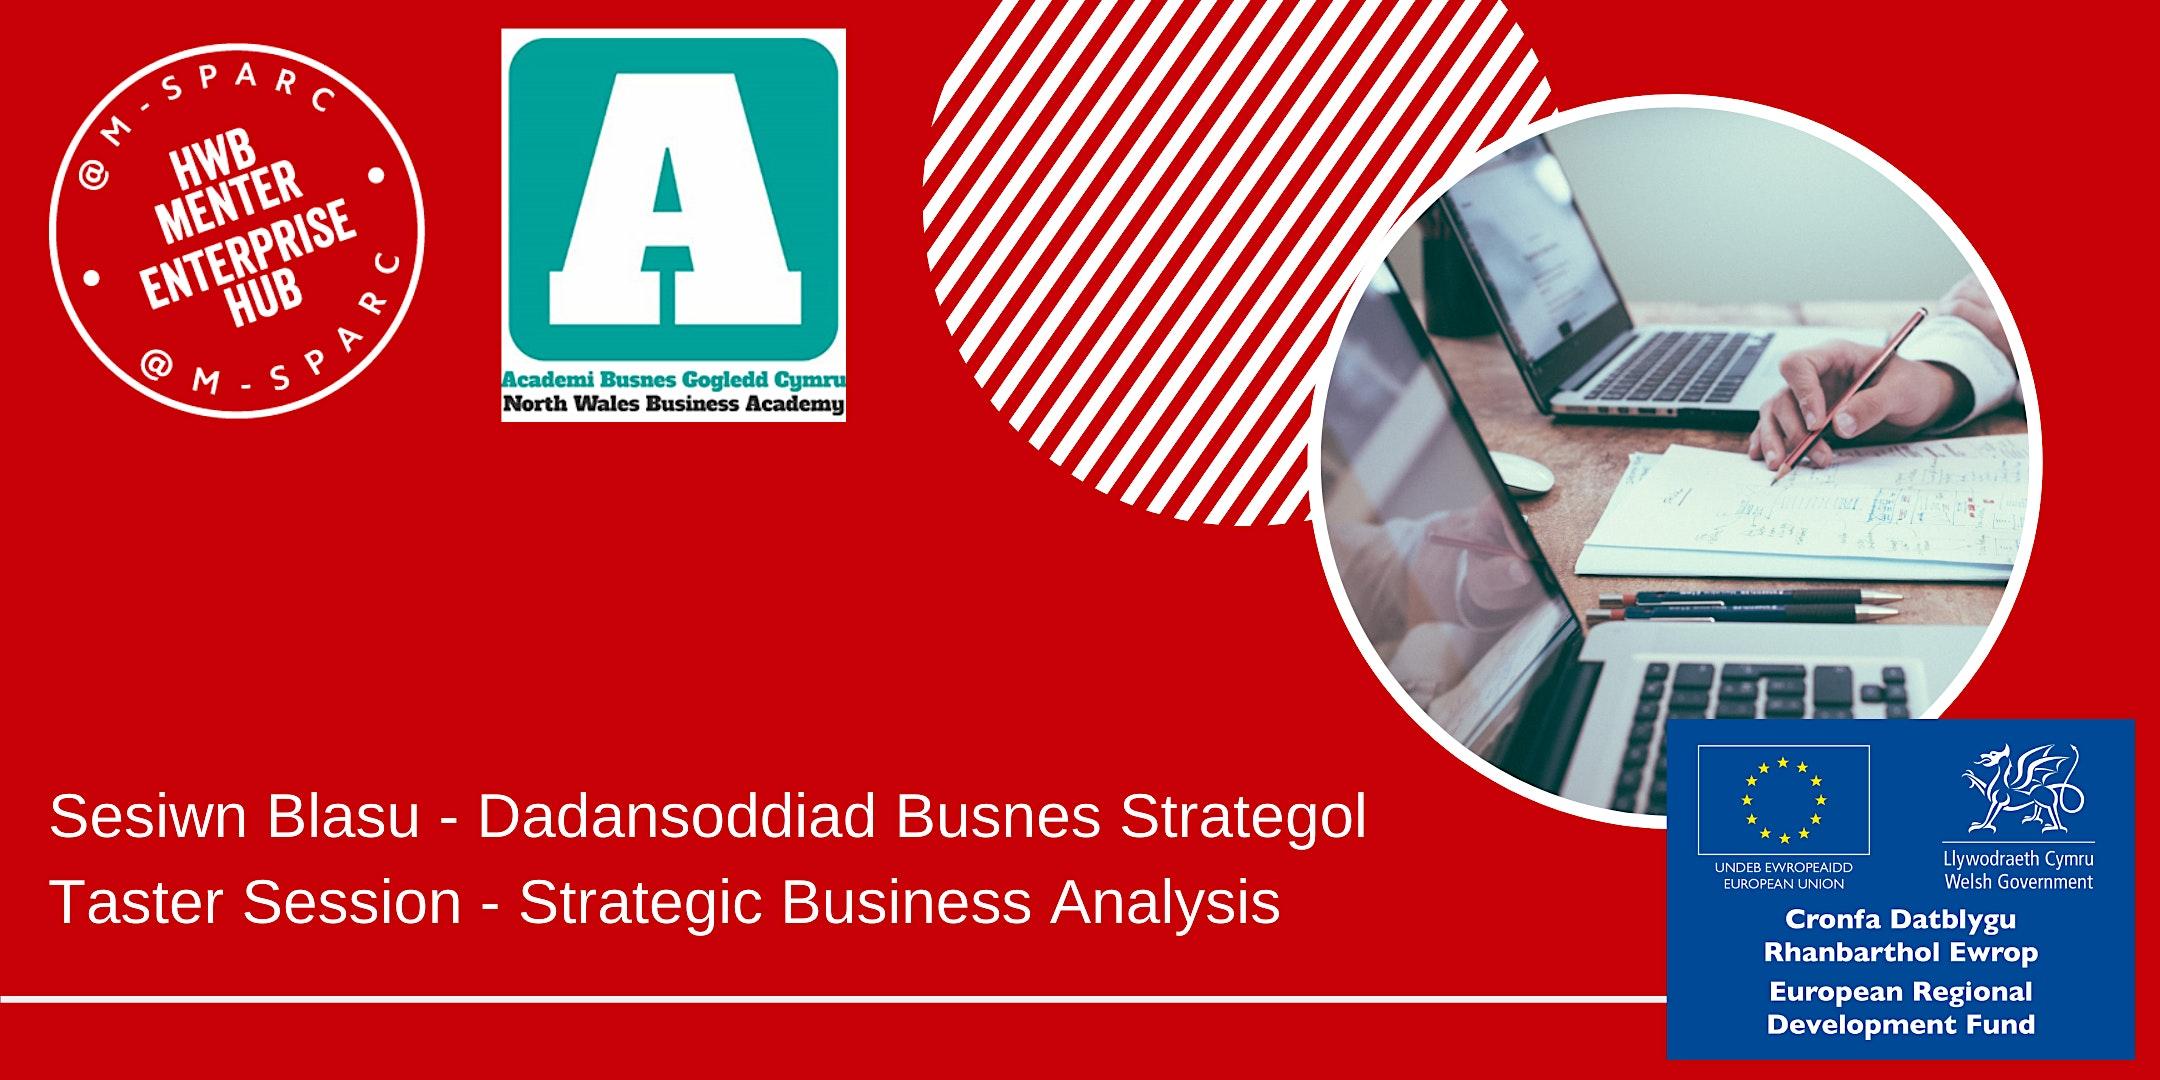 Dadansoddiad Busnes Strategol/Strategic Business Analysis - Taster